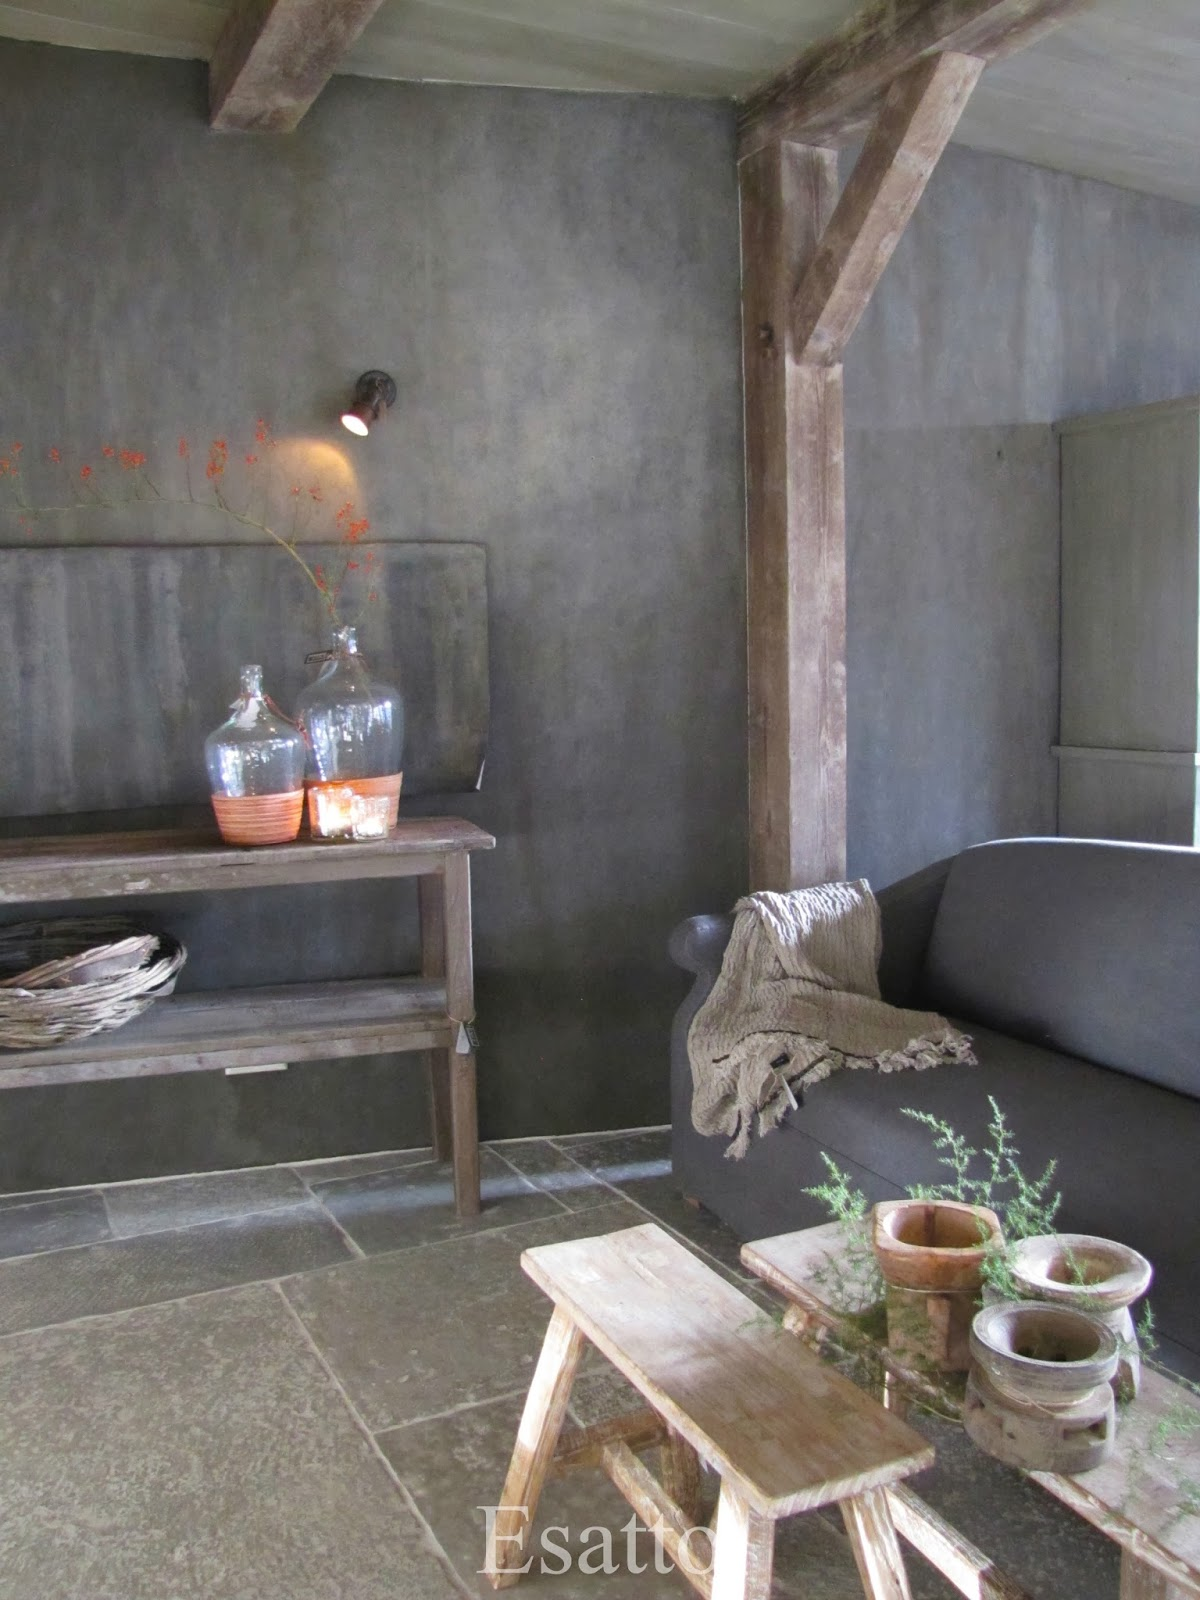 Esatto by ravensbergen de nieuwe woonkamer - Model woonkamer ...